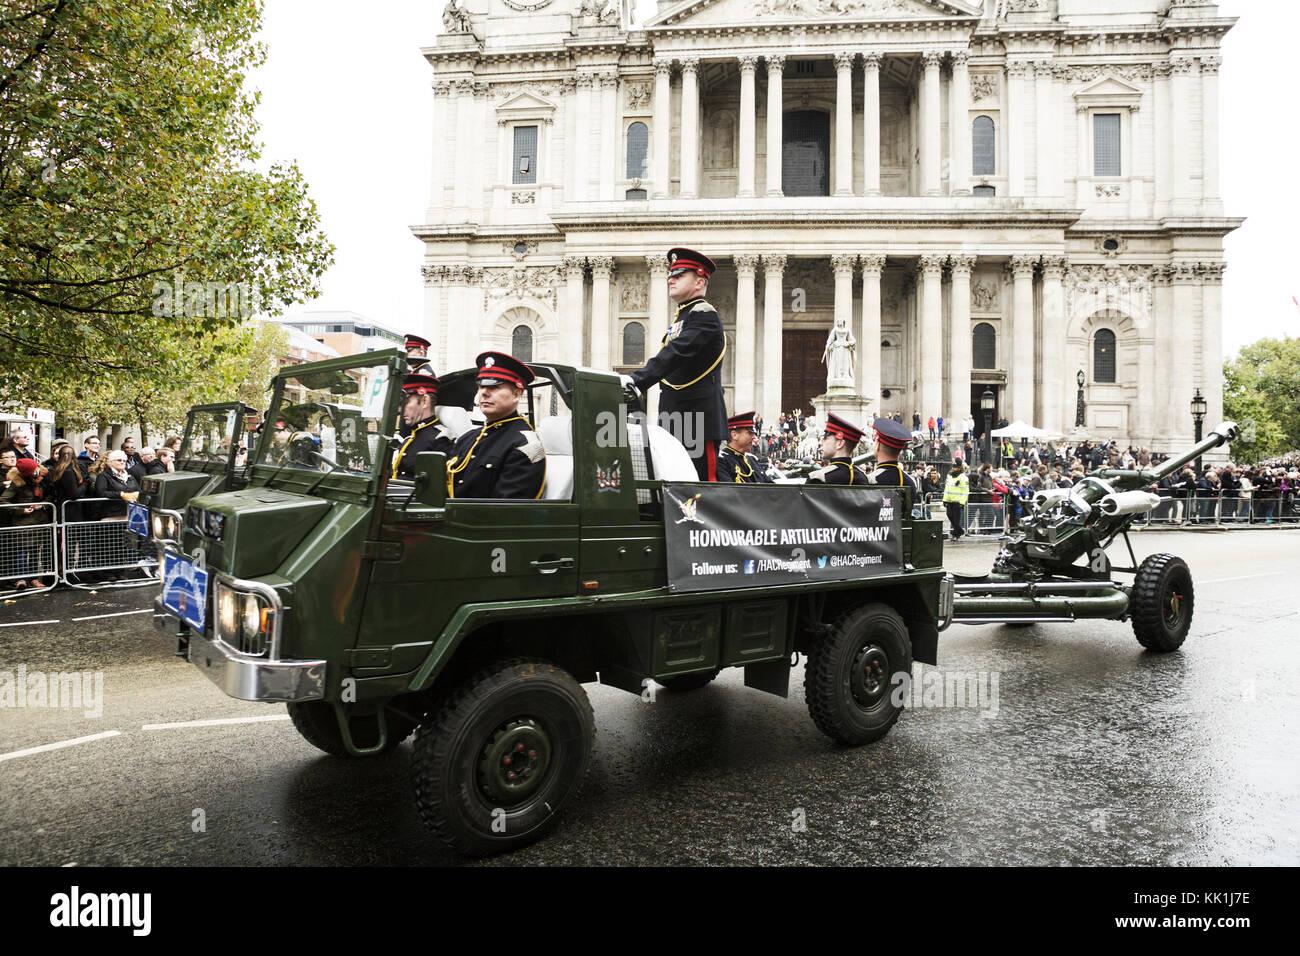 Honorable compañía de artillería en el show del alcalde de Londres. Imagen De Stock